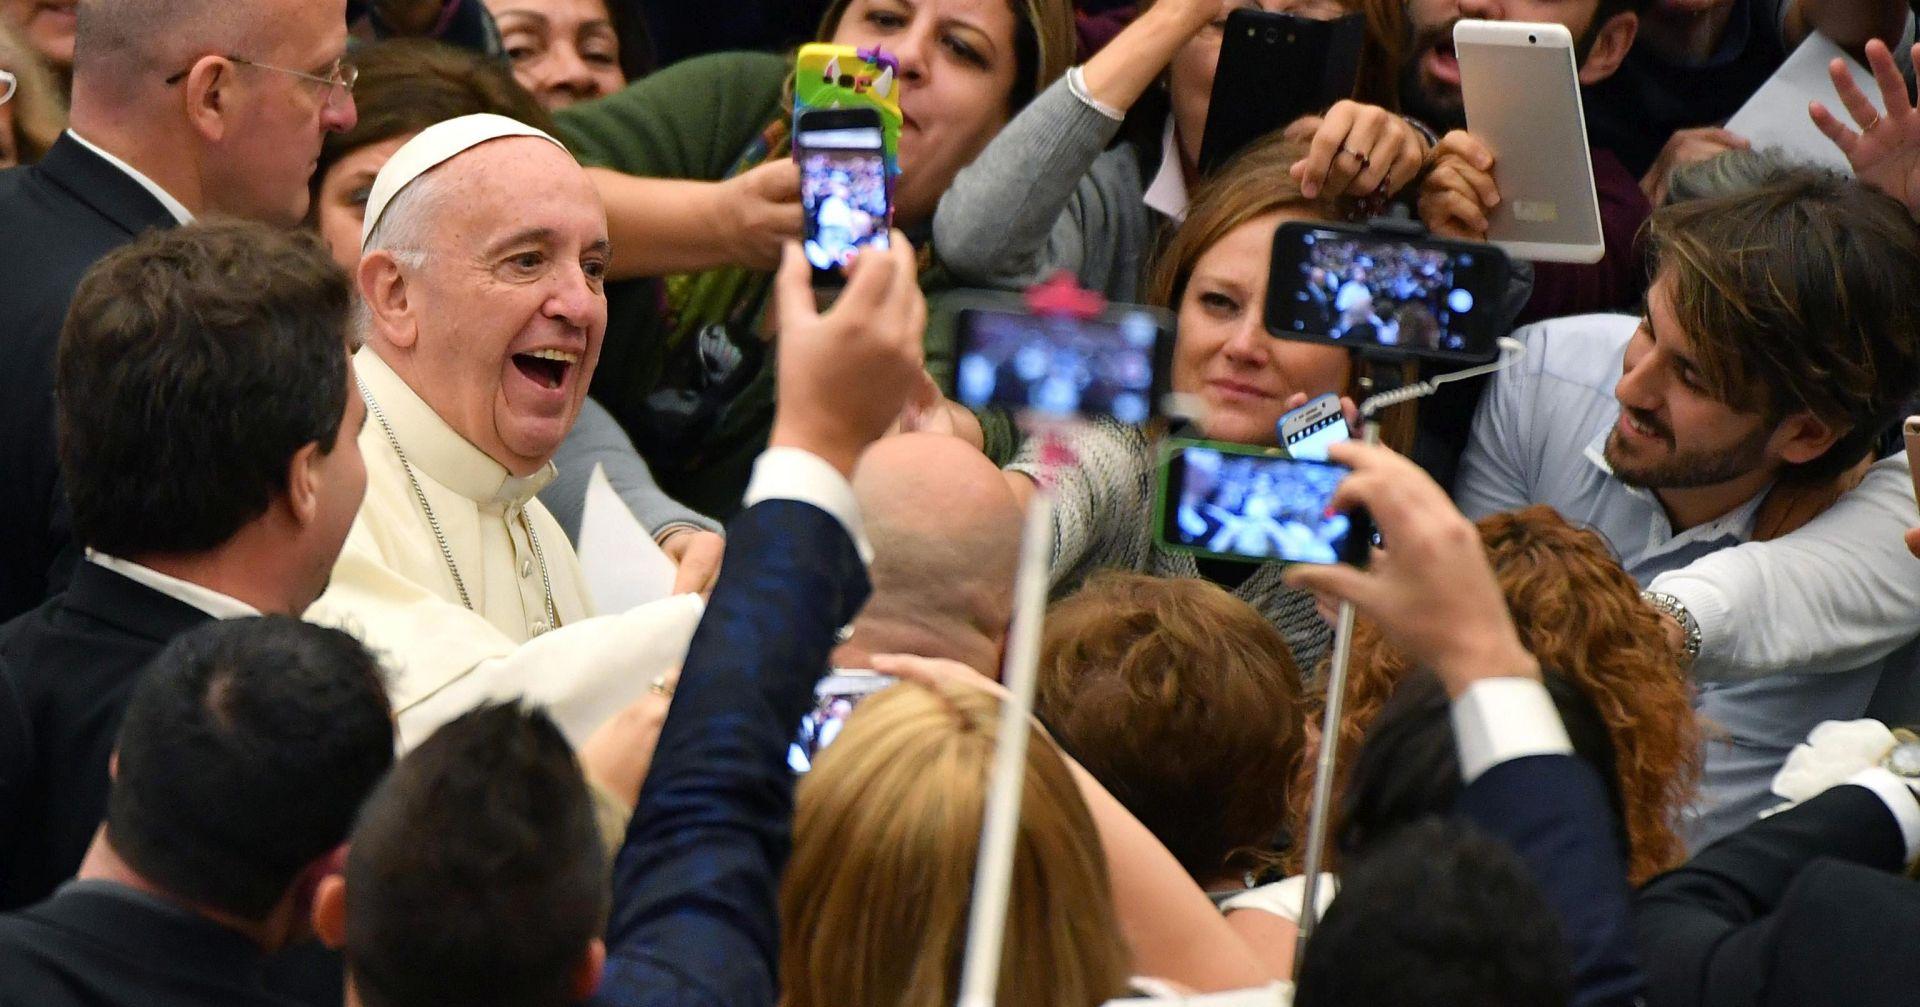 Papa Franjo će za rođendan dobiti – naočale iz Hrvatske